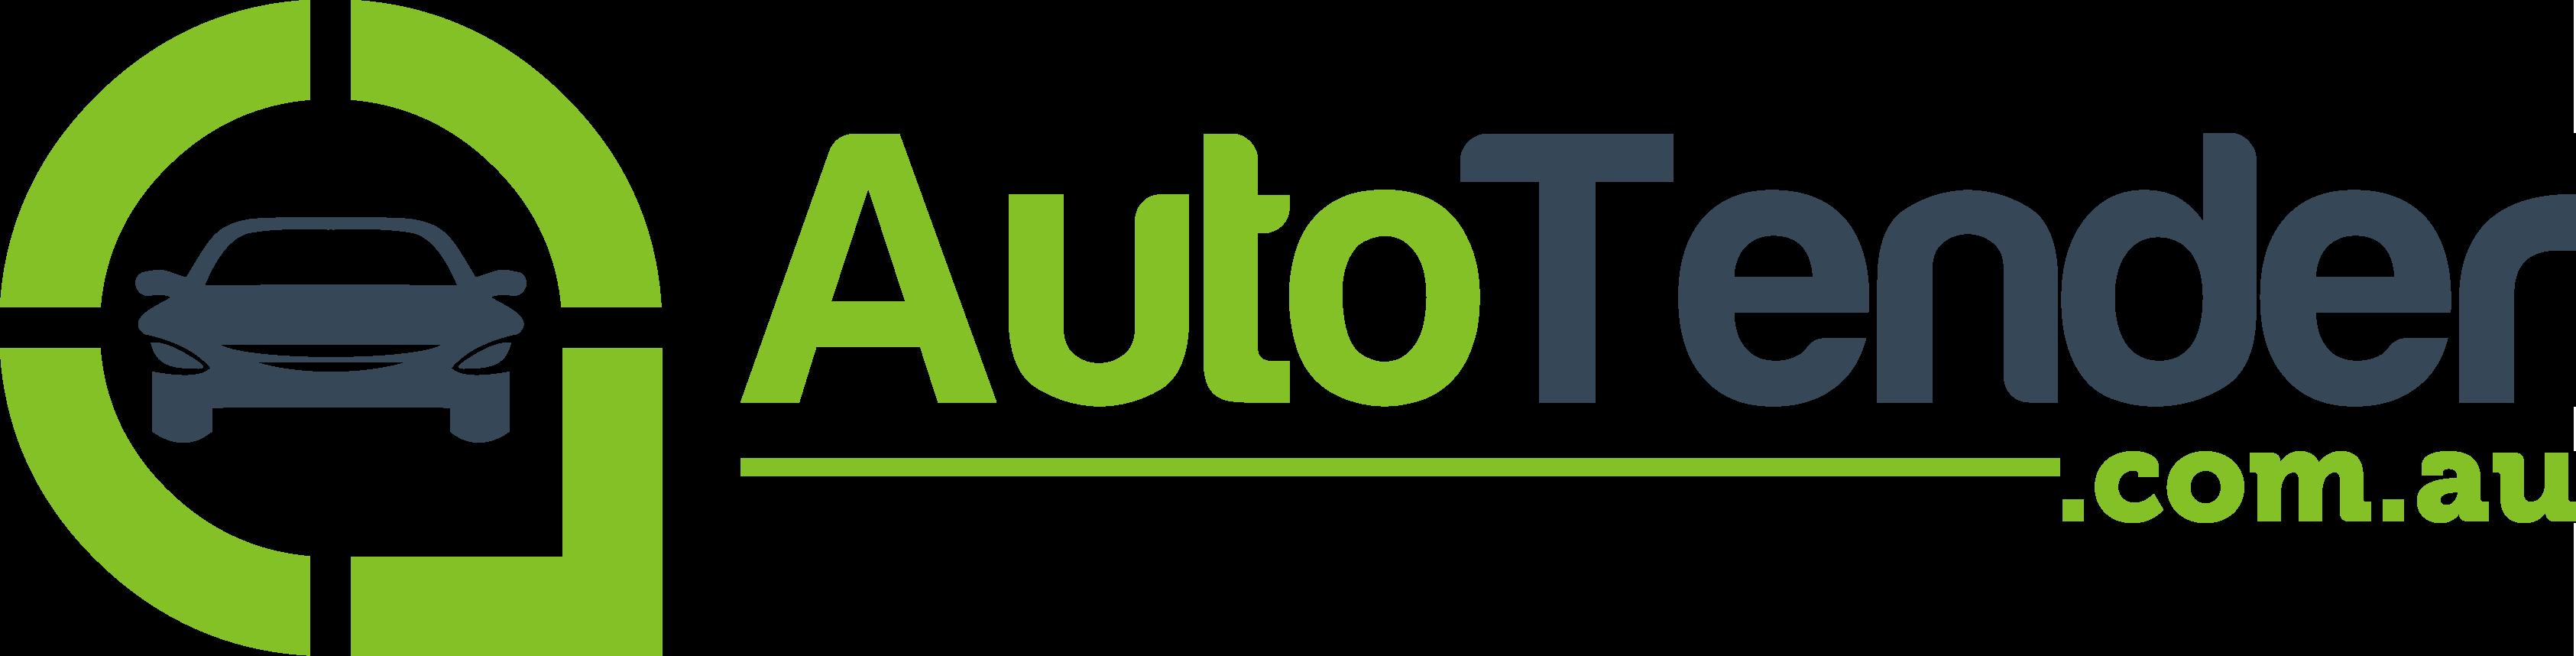 auto tender (002)